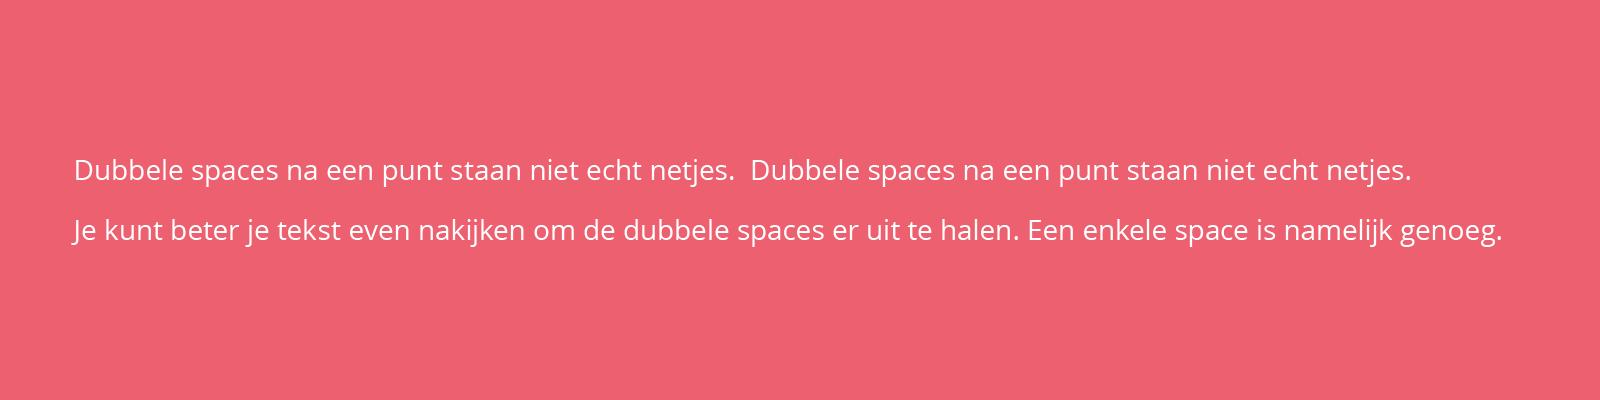 dubbele spaces